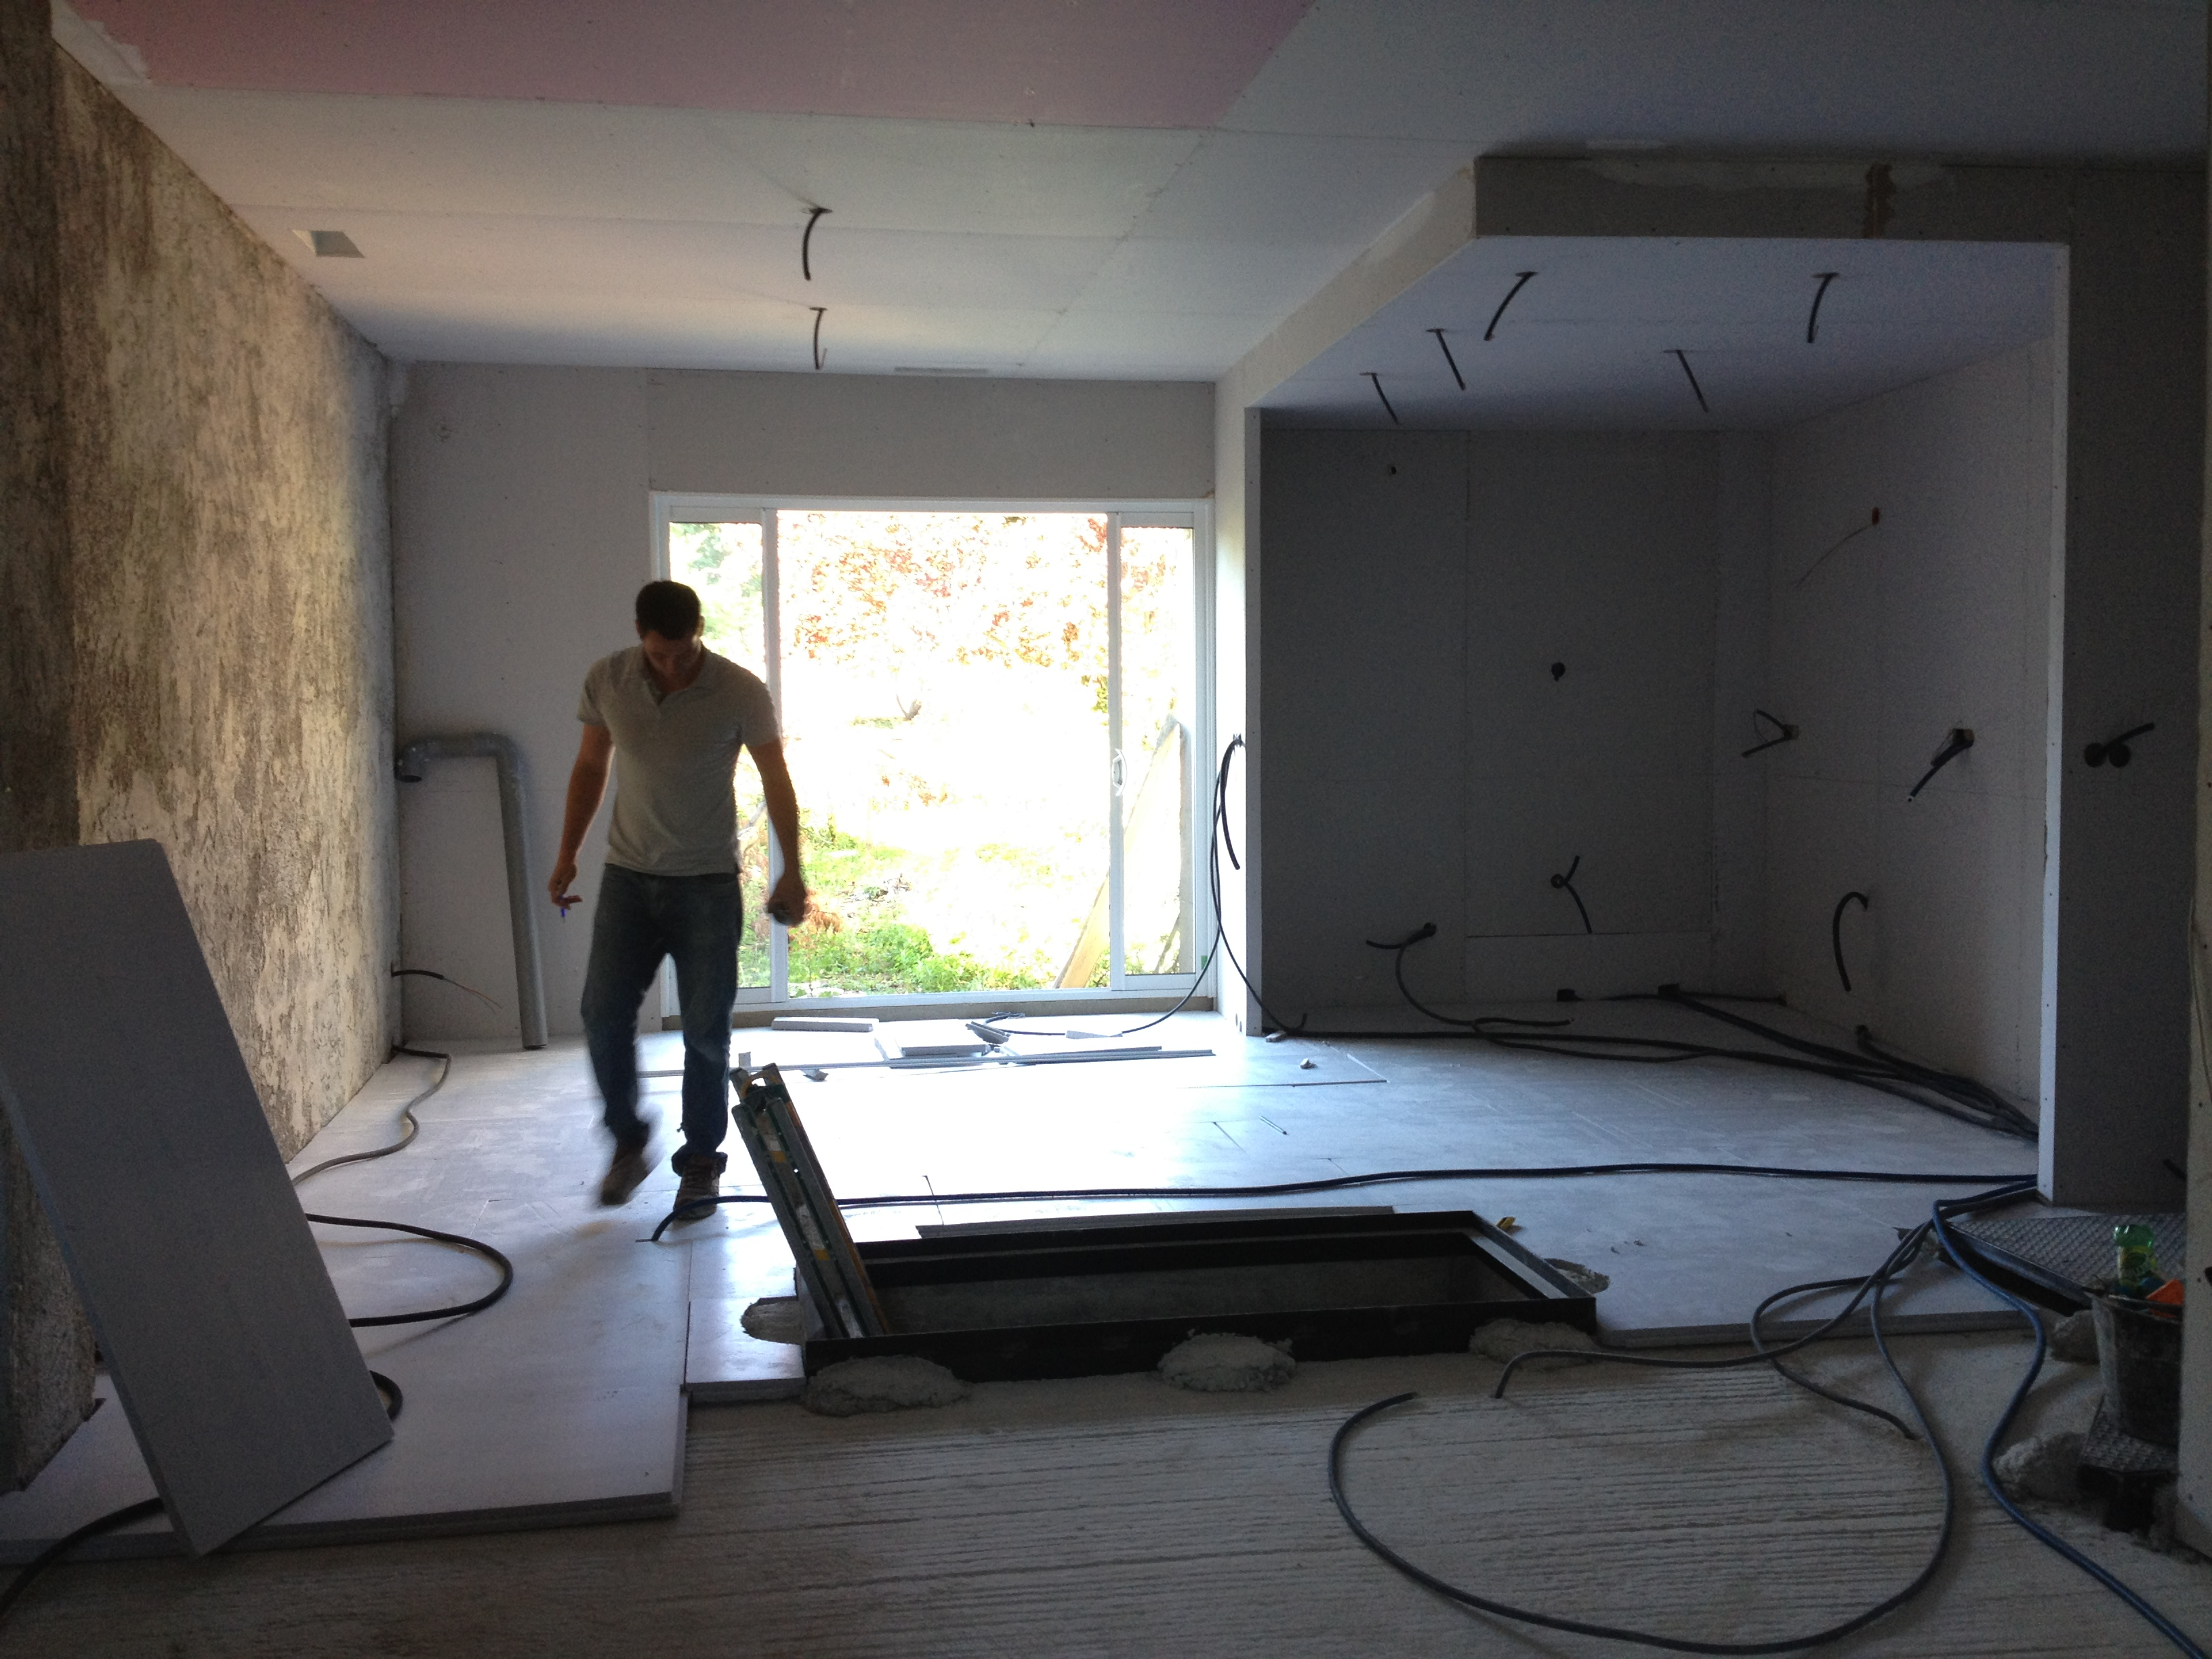 cr ation de cave desportes r novation montpellier n mes sommi res. Black Bedroom Furniture Sets. Home Design Ideas